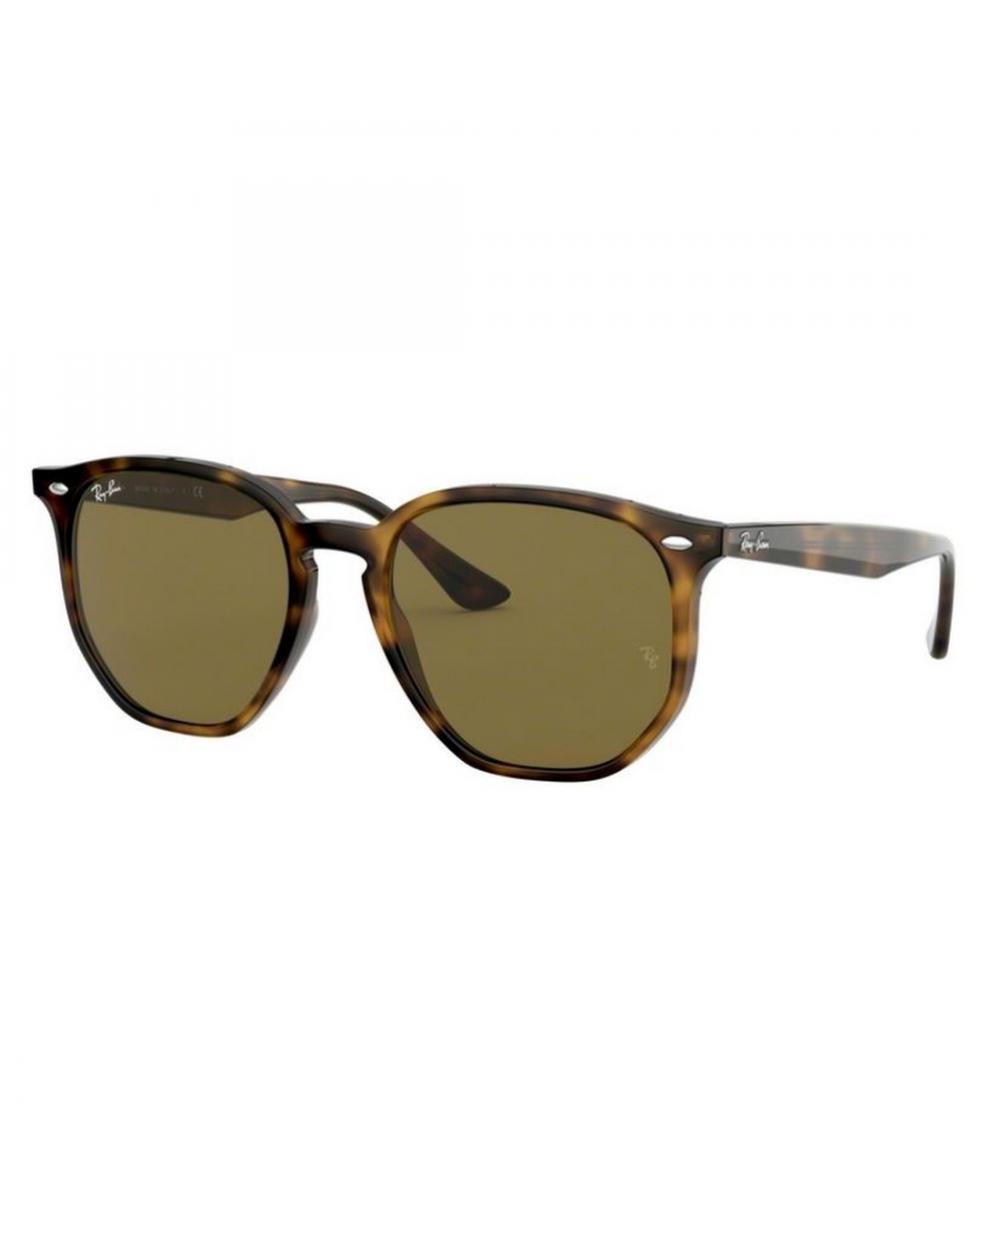 Sonnenbrille Ray Ban RB 4306 originalverpackung garantie Italien